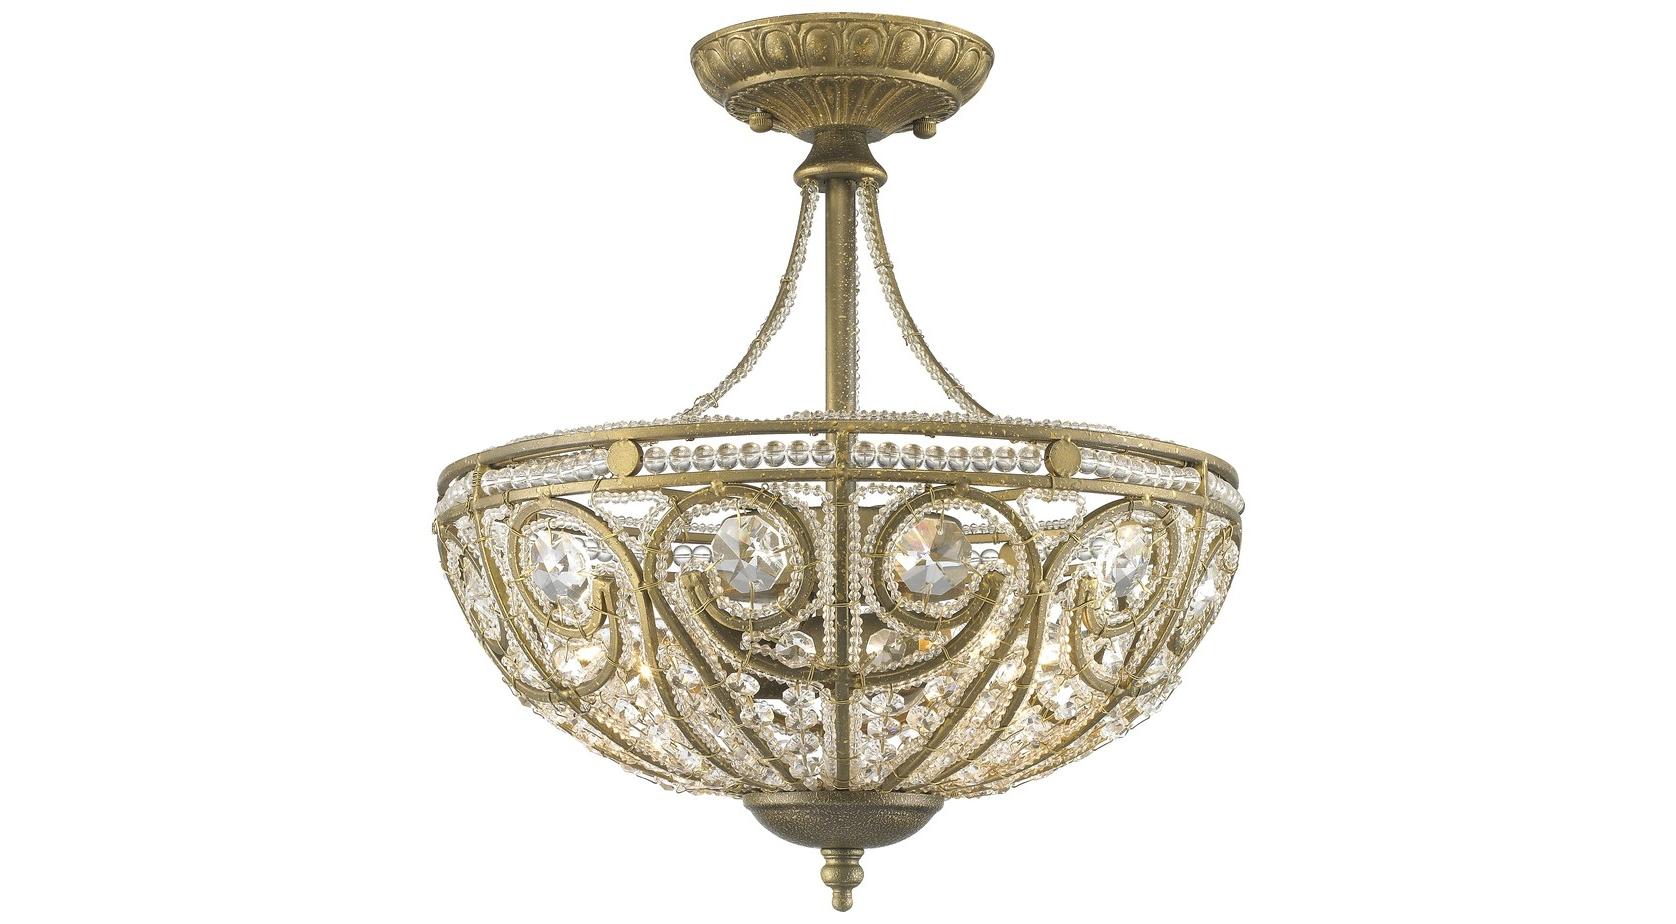 Настенный светильник WERTMARK 15430089 от thefurnish